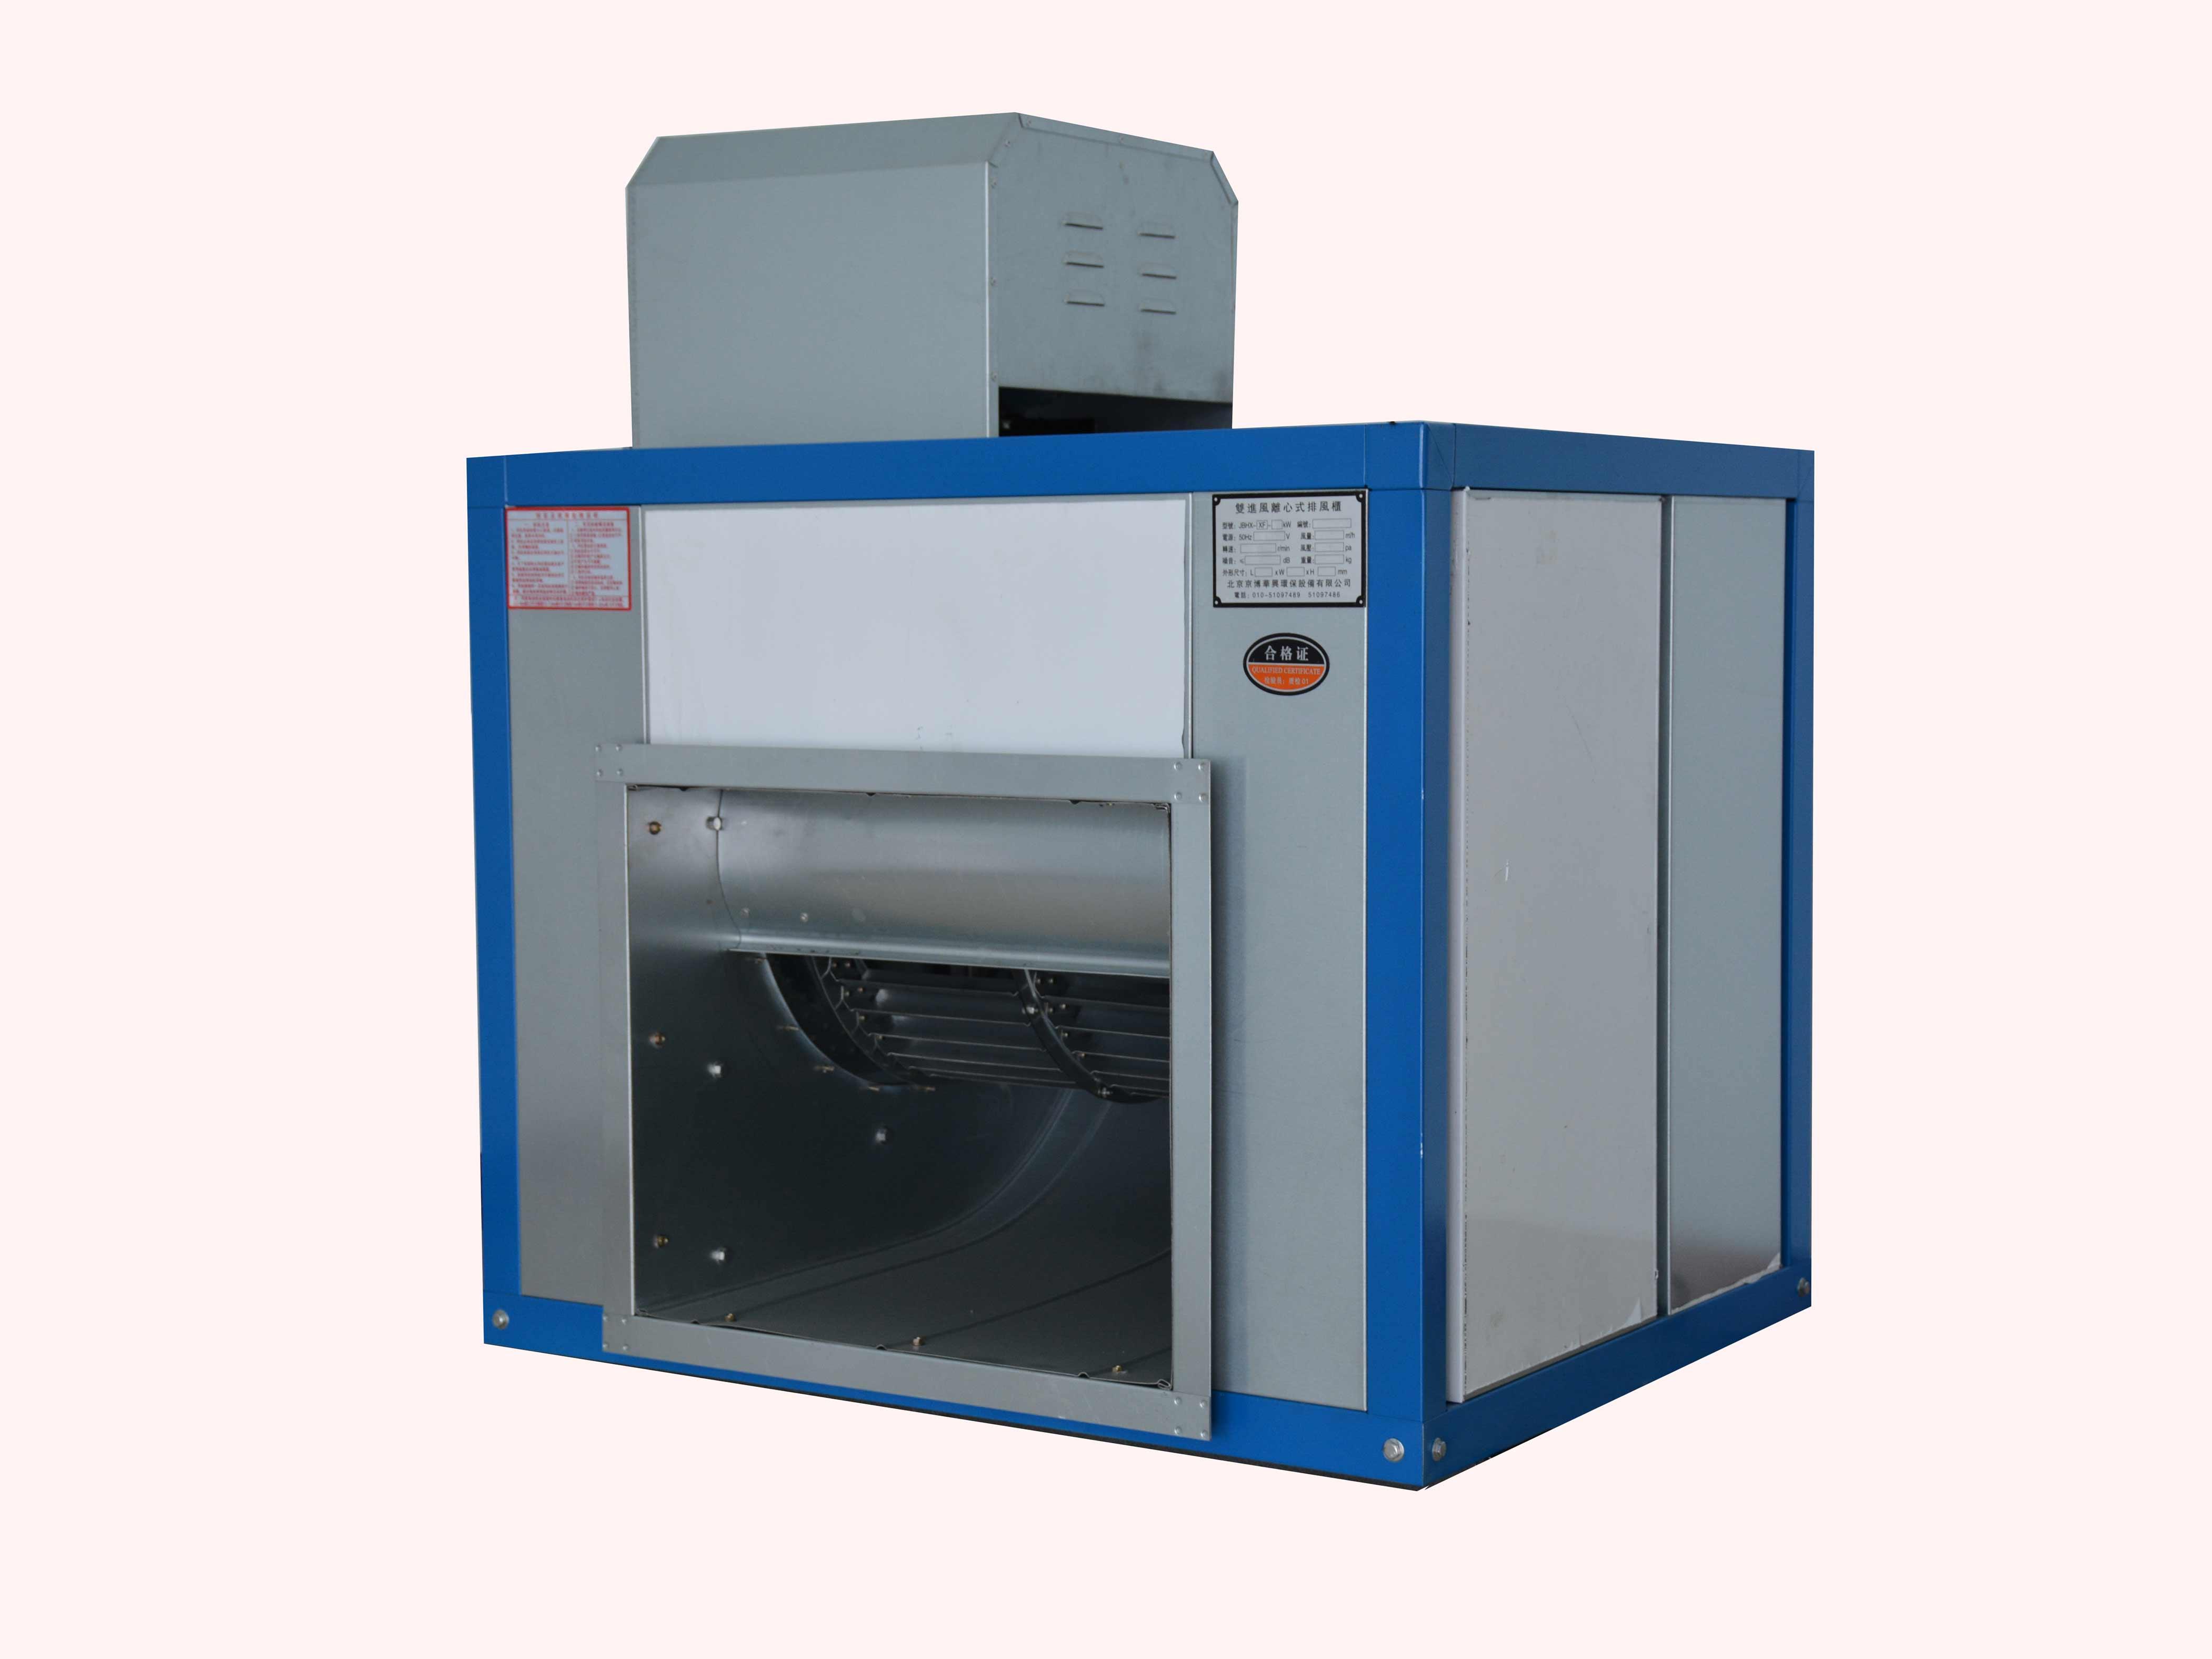 鑫世界环保科技提供热门的排风柜|山东排风柜供应商